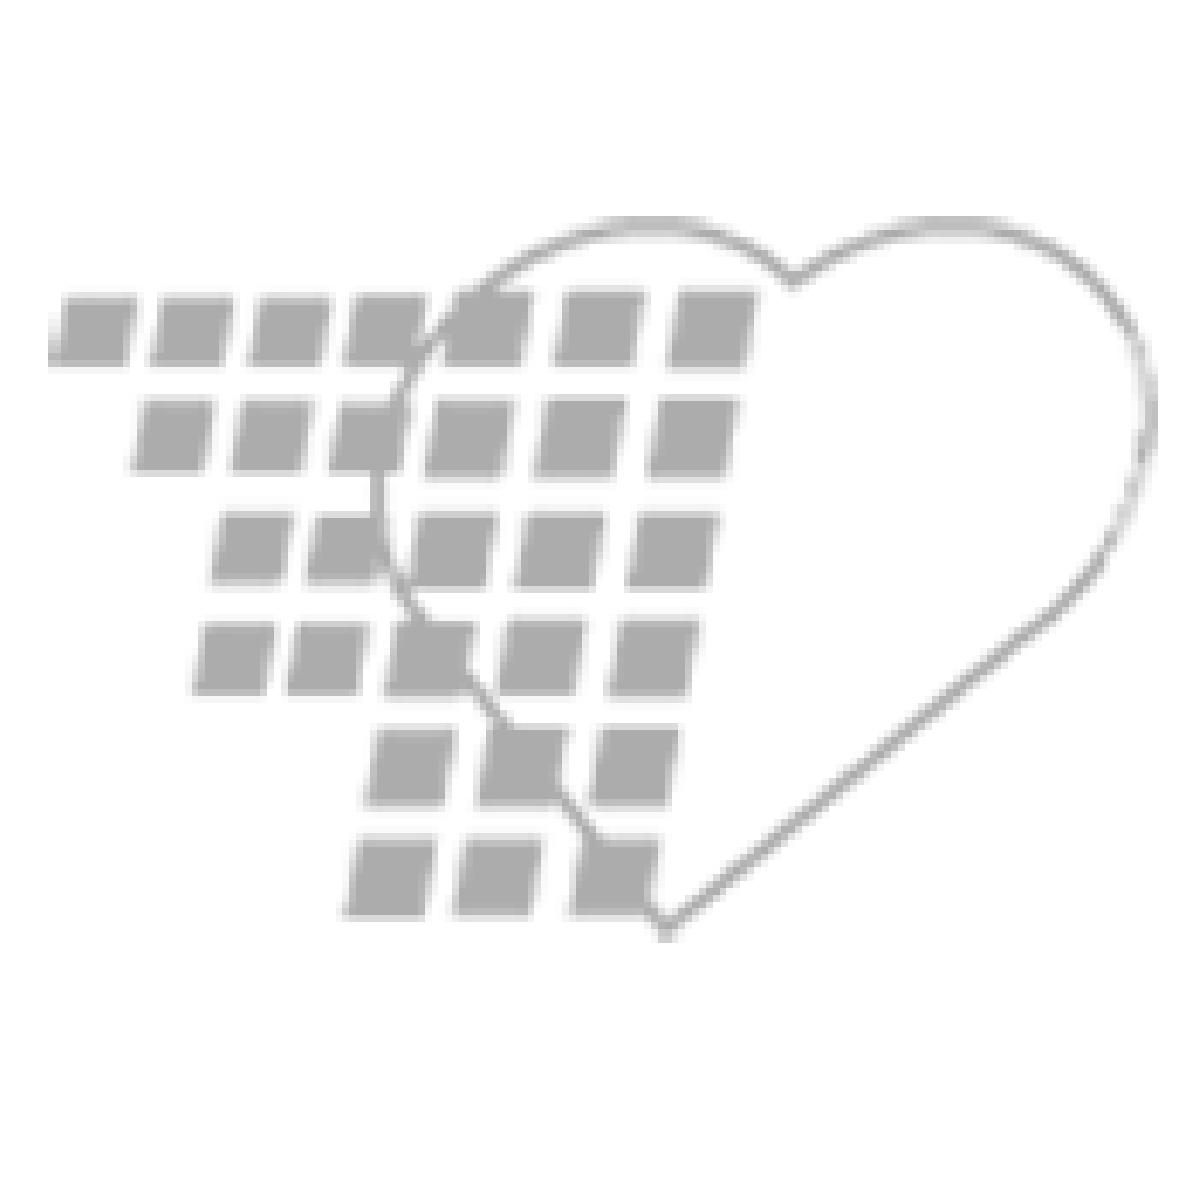 10-81-0898 Nasco Life/form® Ostomy Care Training Models Set